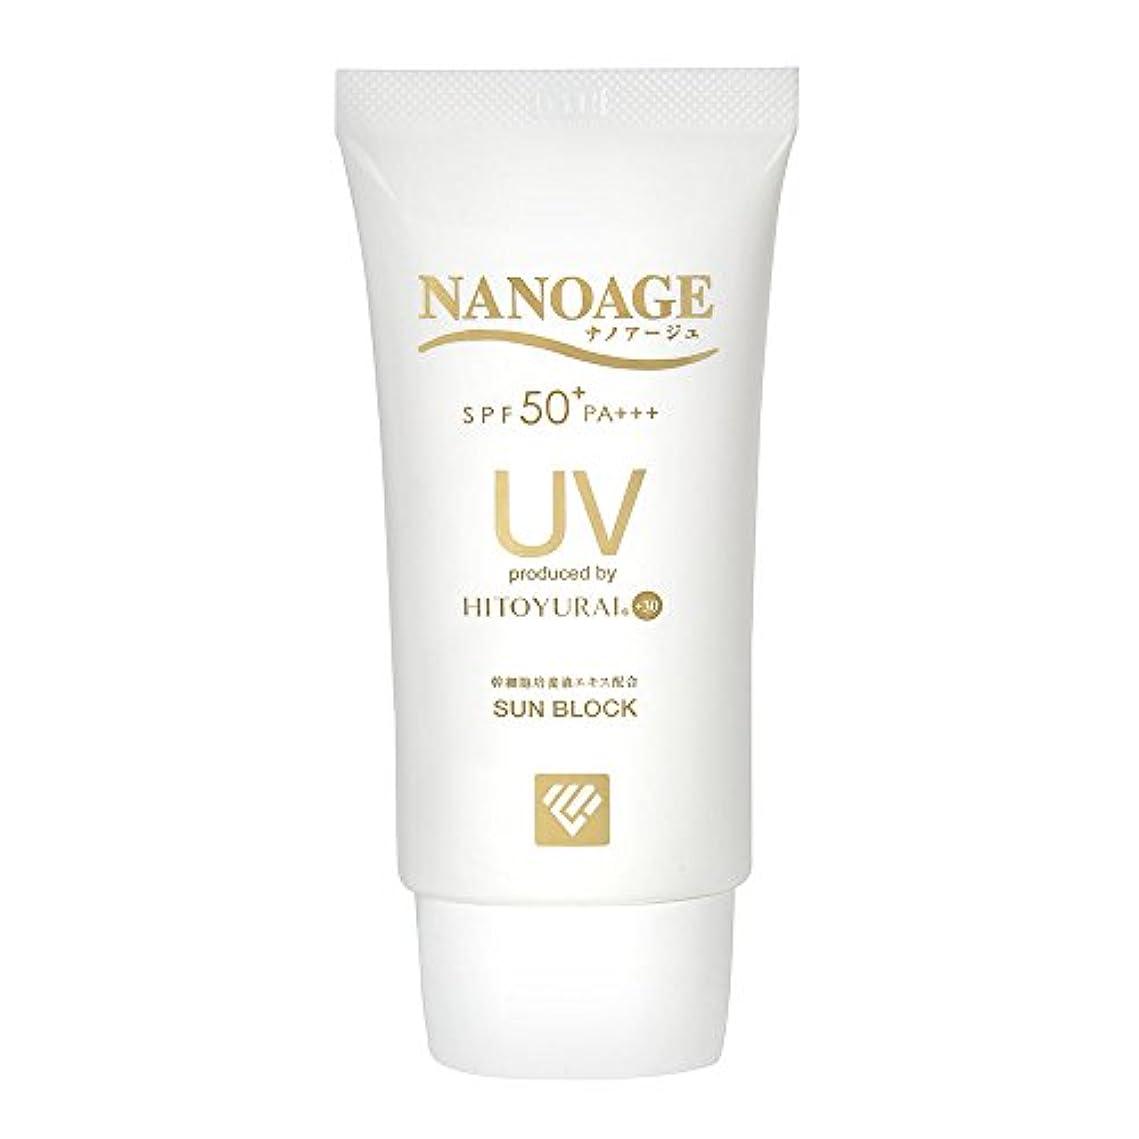 クッションアトラス相互NANOAGE(ナノアージュ) UVクリーム SPF50+ PA+++ 40ml